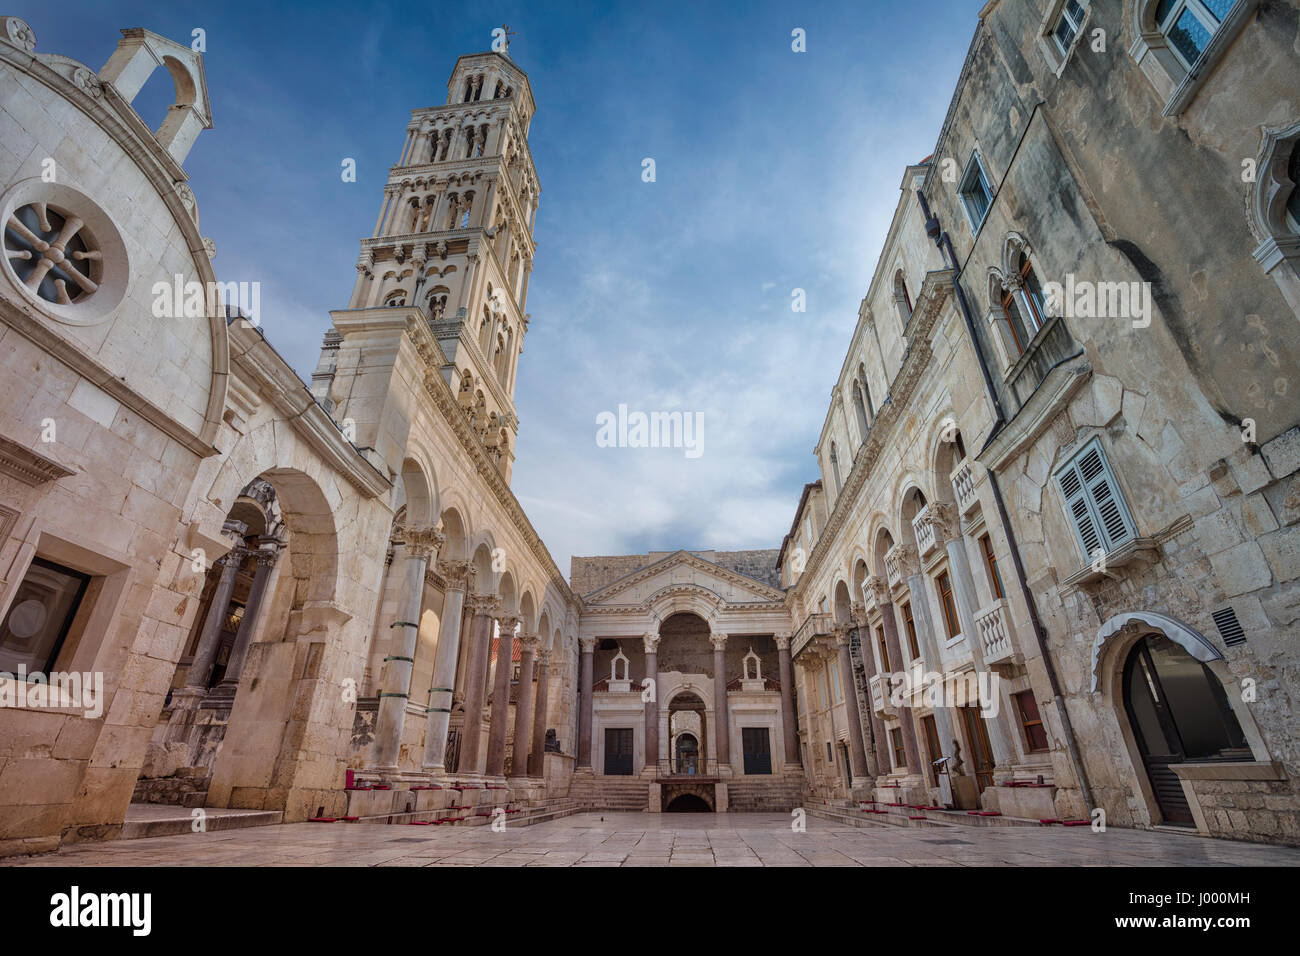 Split. Belles rues romantiques de la vieille ville de Split au cours de journée de printemps. Photo Stock